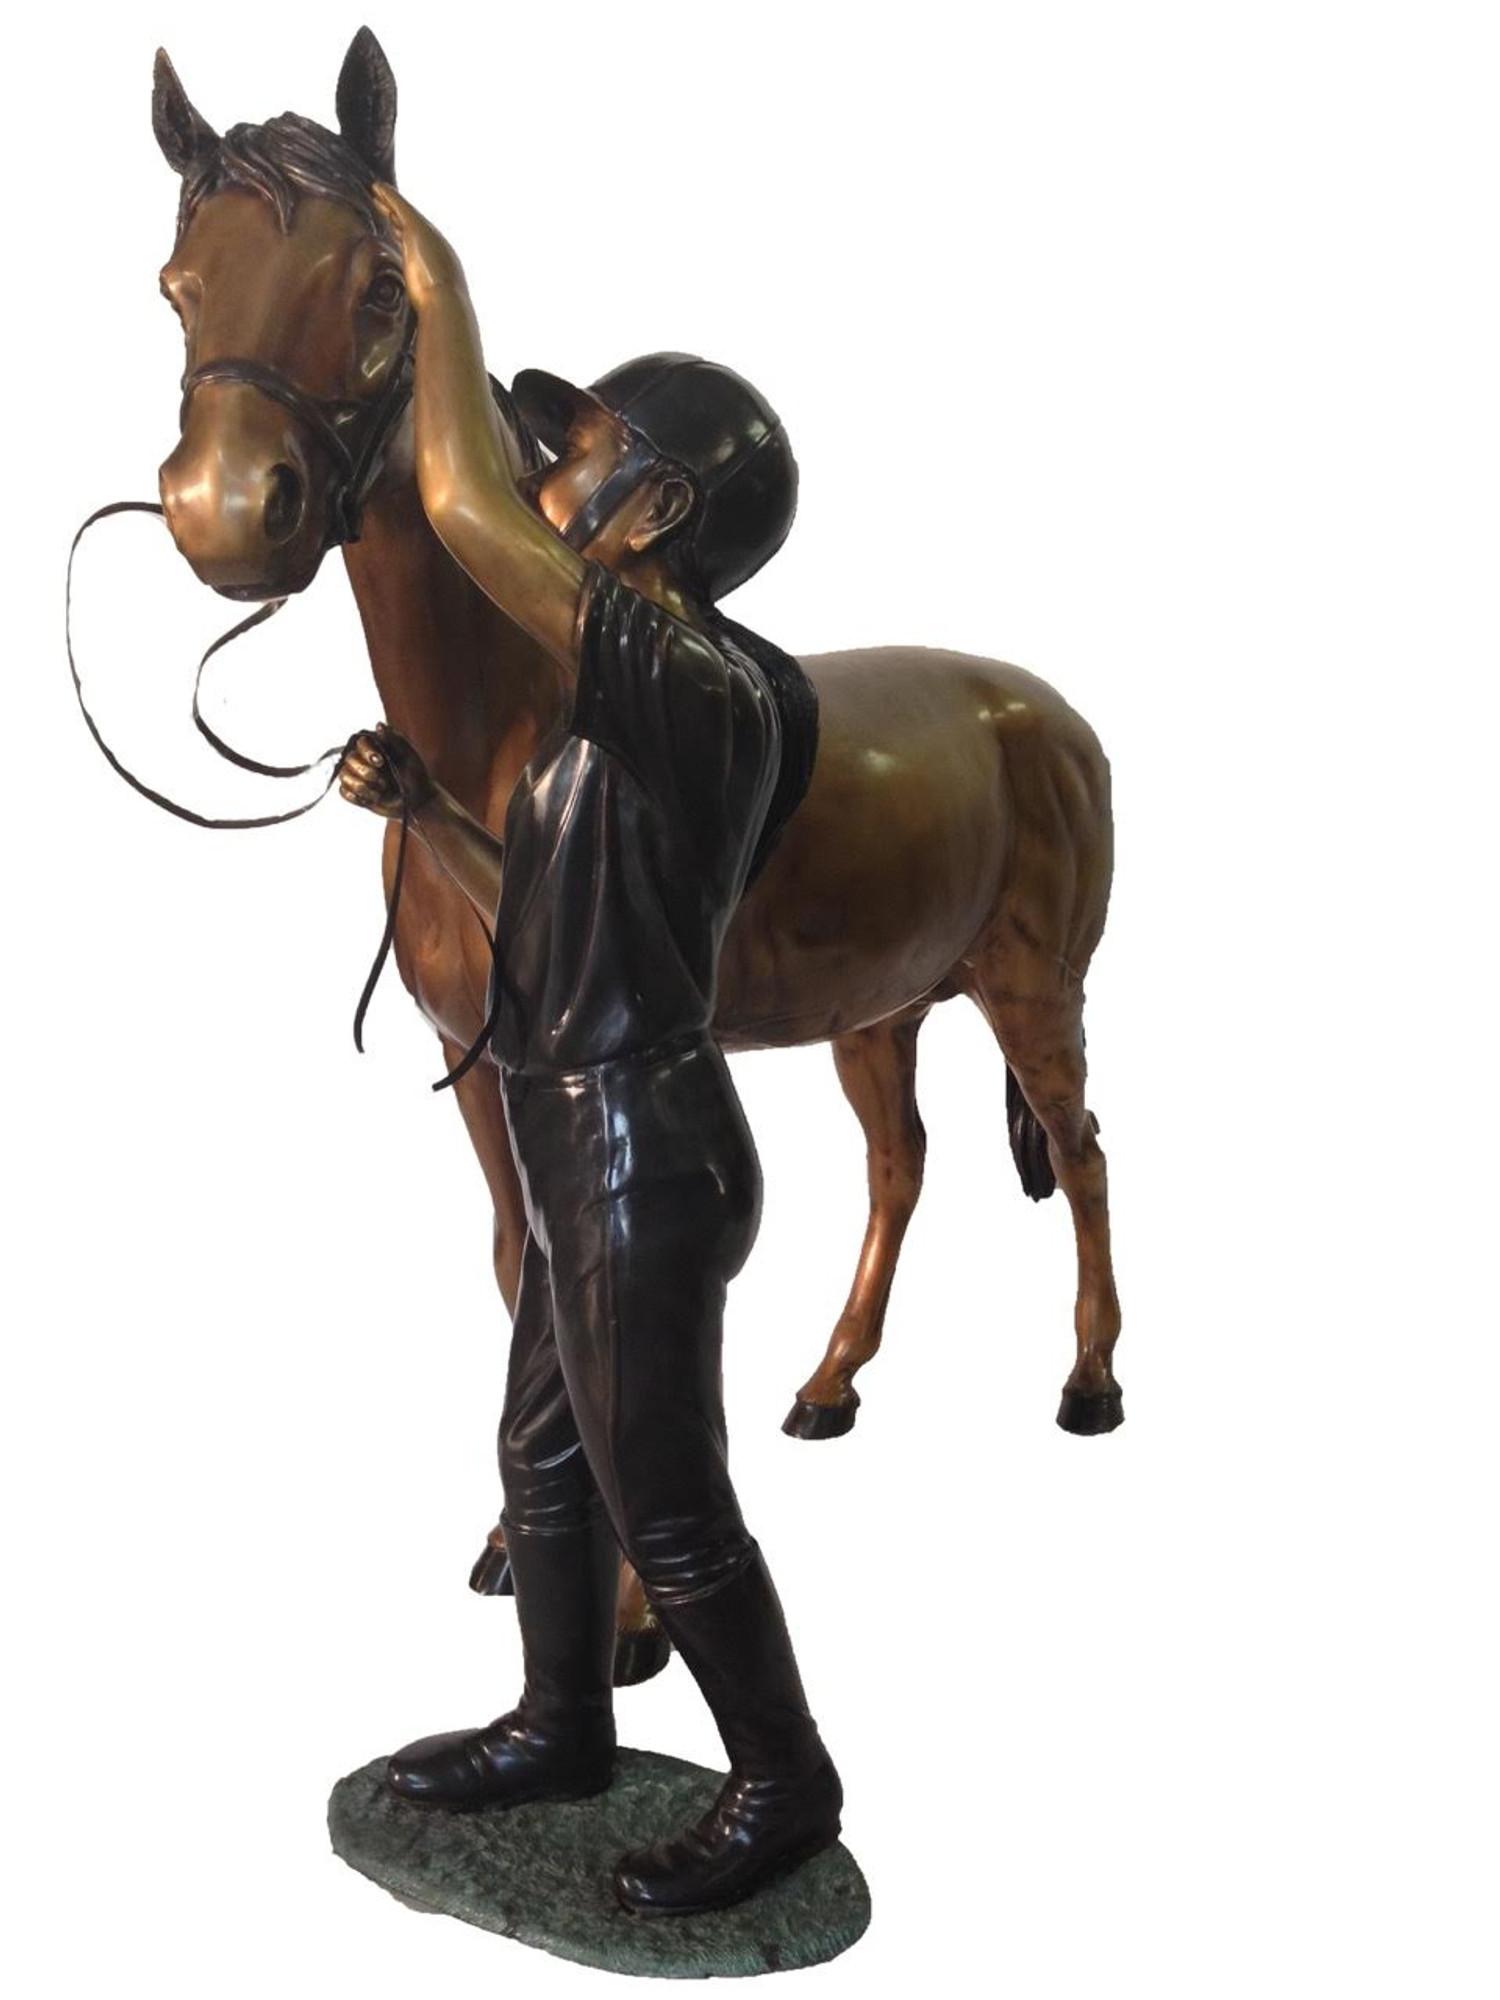 Horse And Girl Outdoor Bronze Sculpture Statue